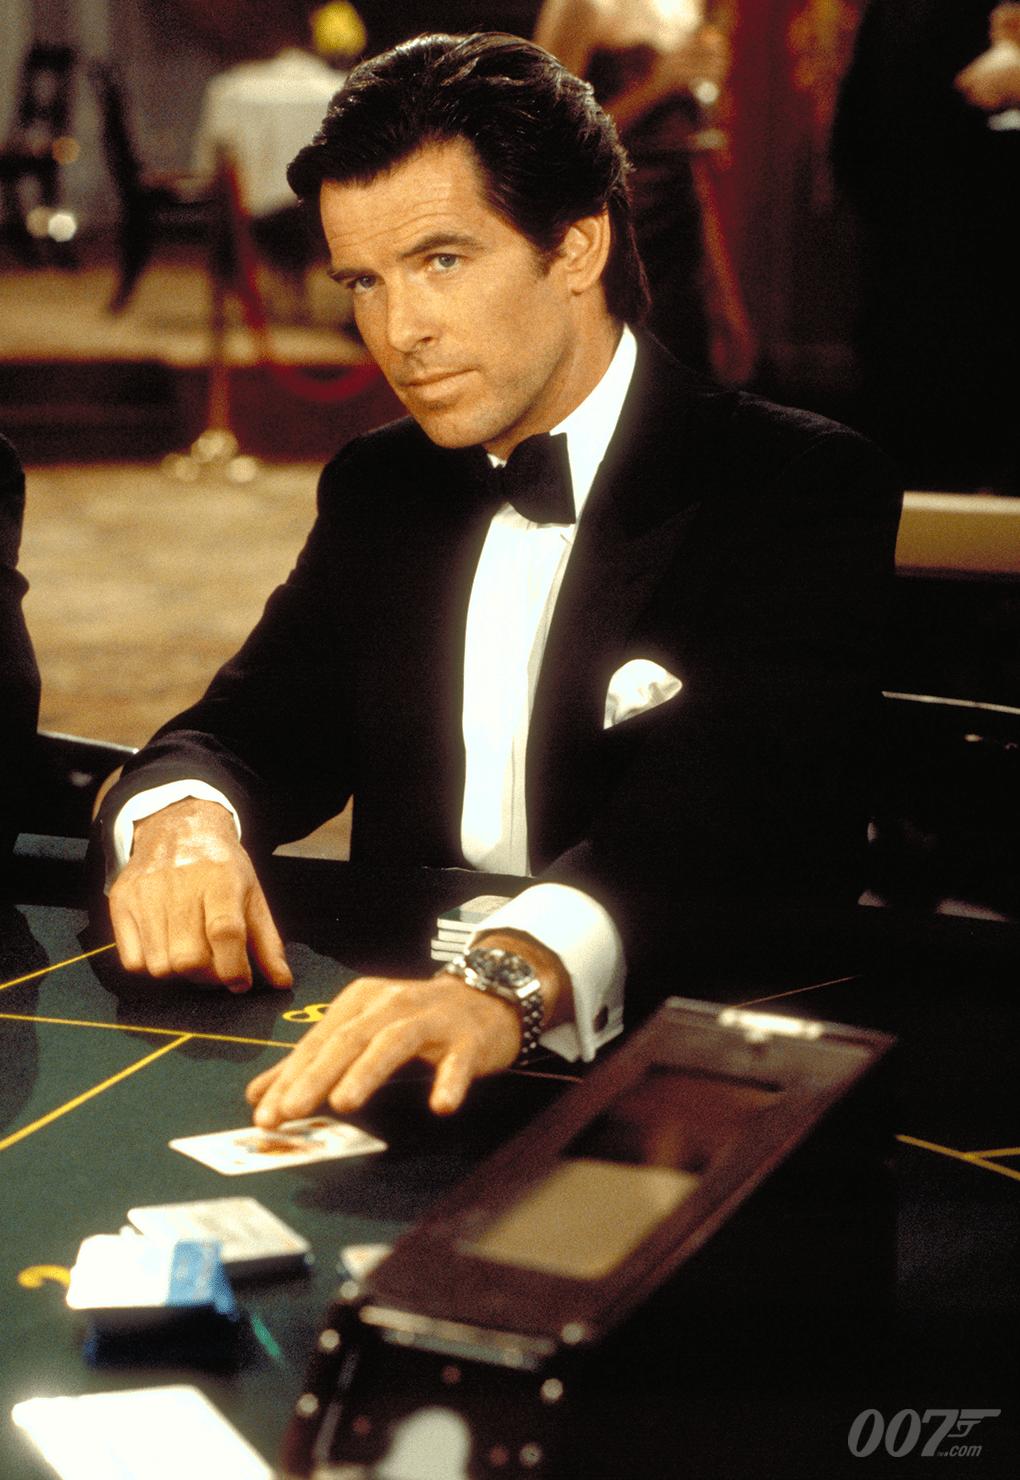 Pierce Brosnan como James Bond en GoldenEye (1995). Imagen: 007.com